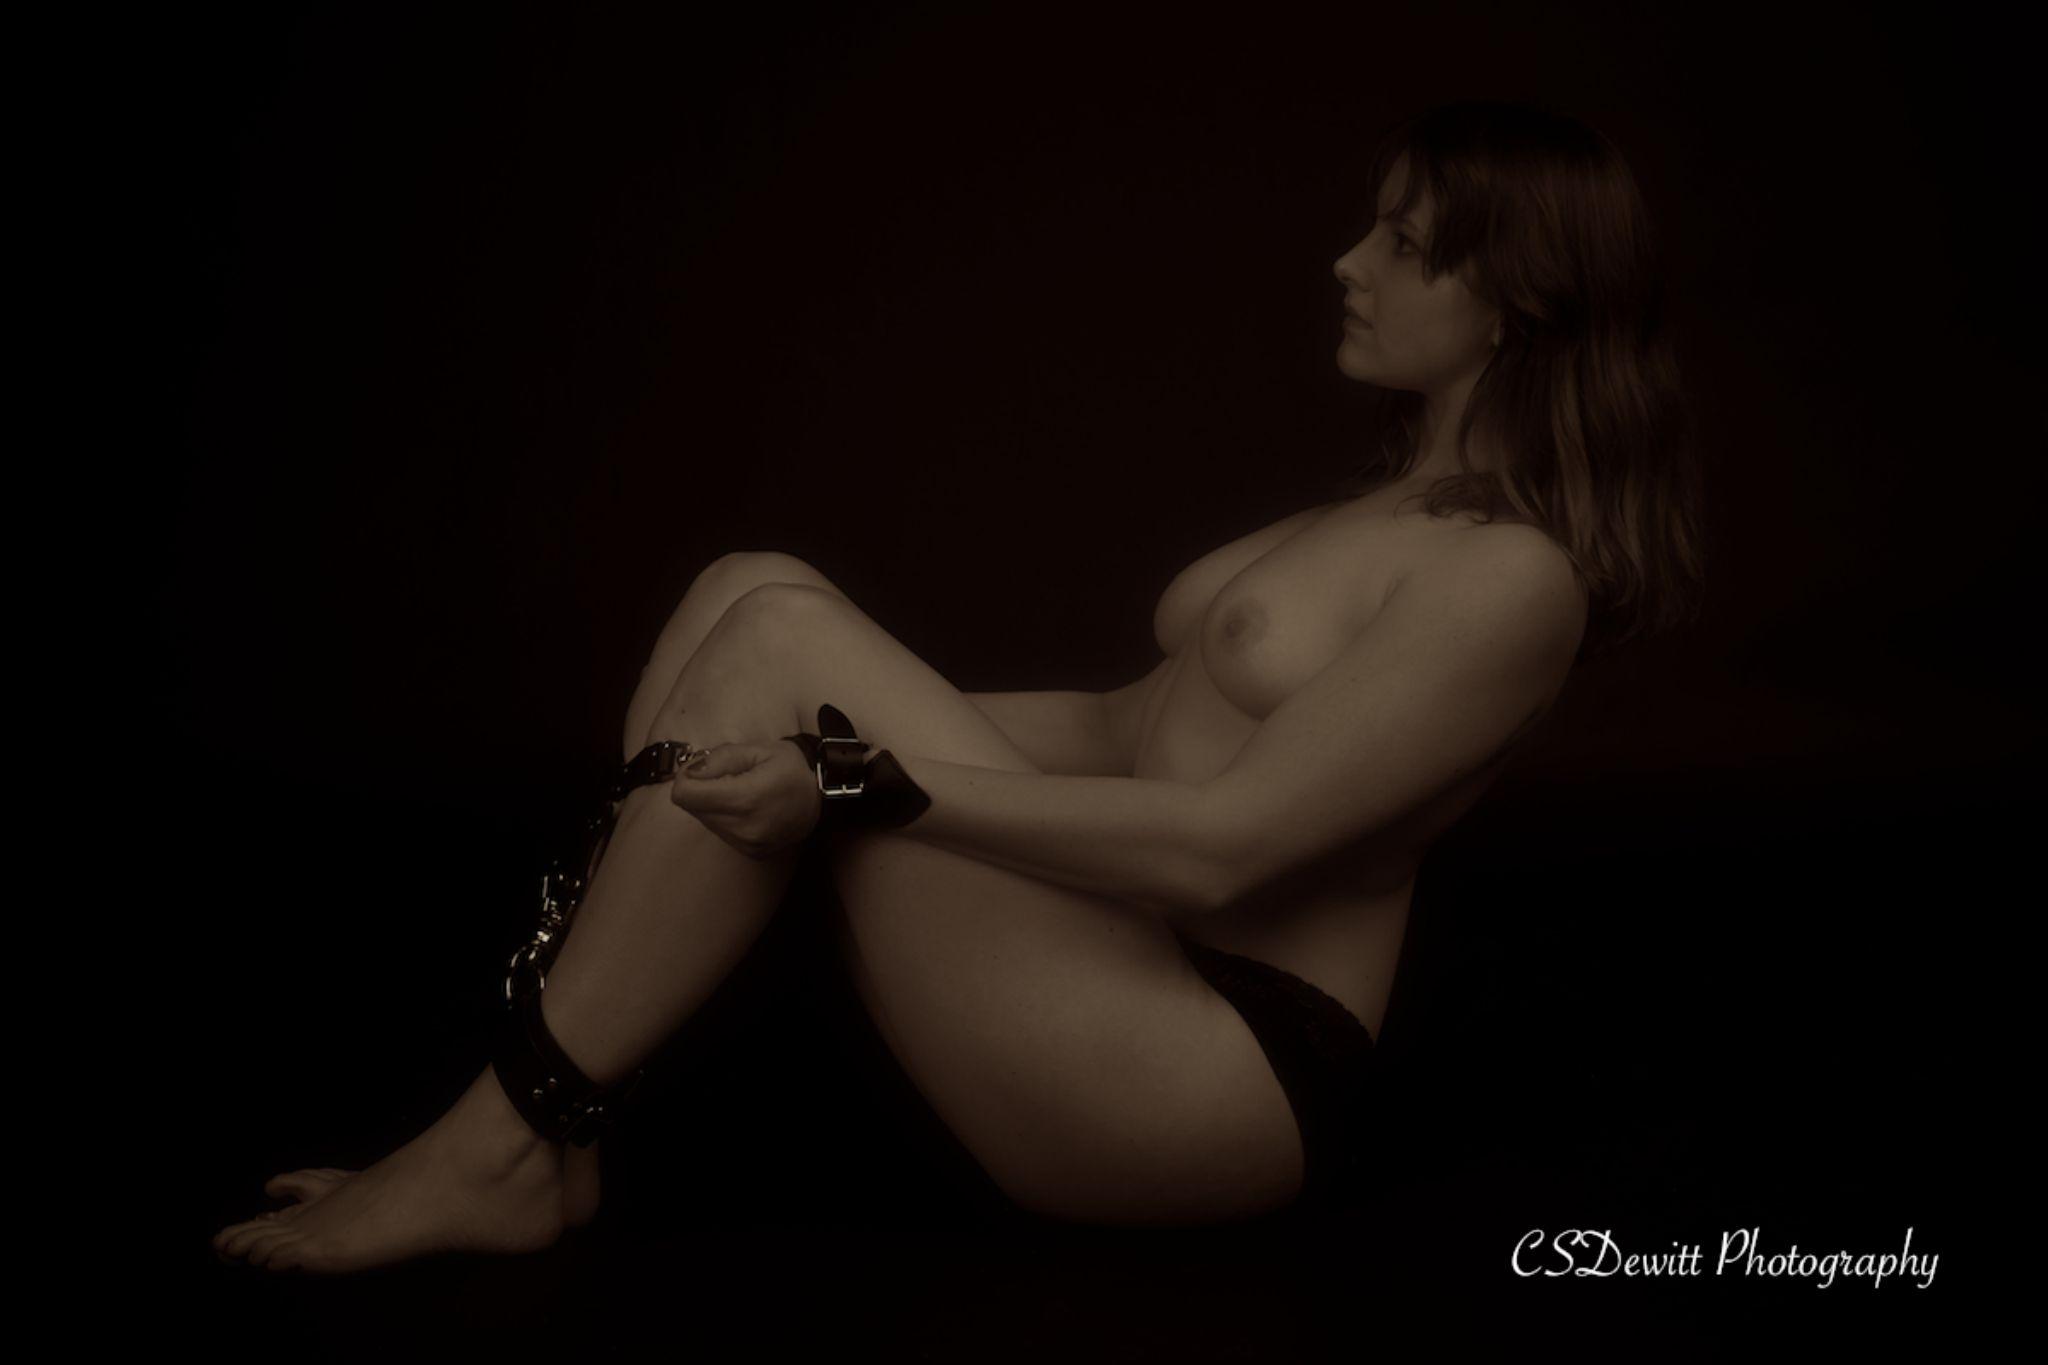 Woman Restrained by C.S. Dewitt Buck